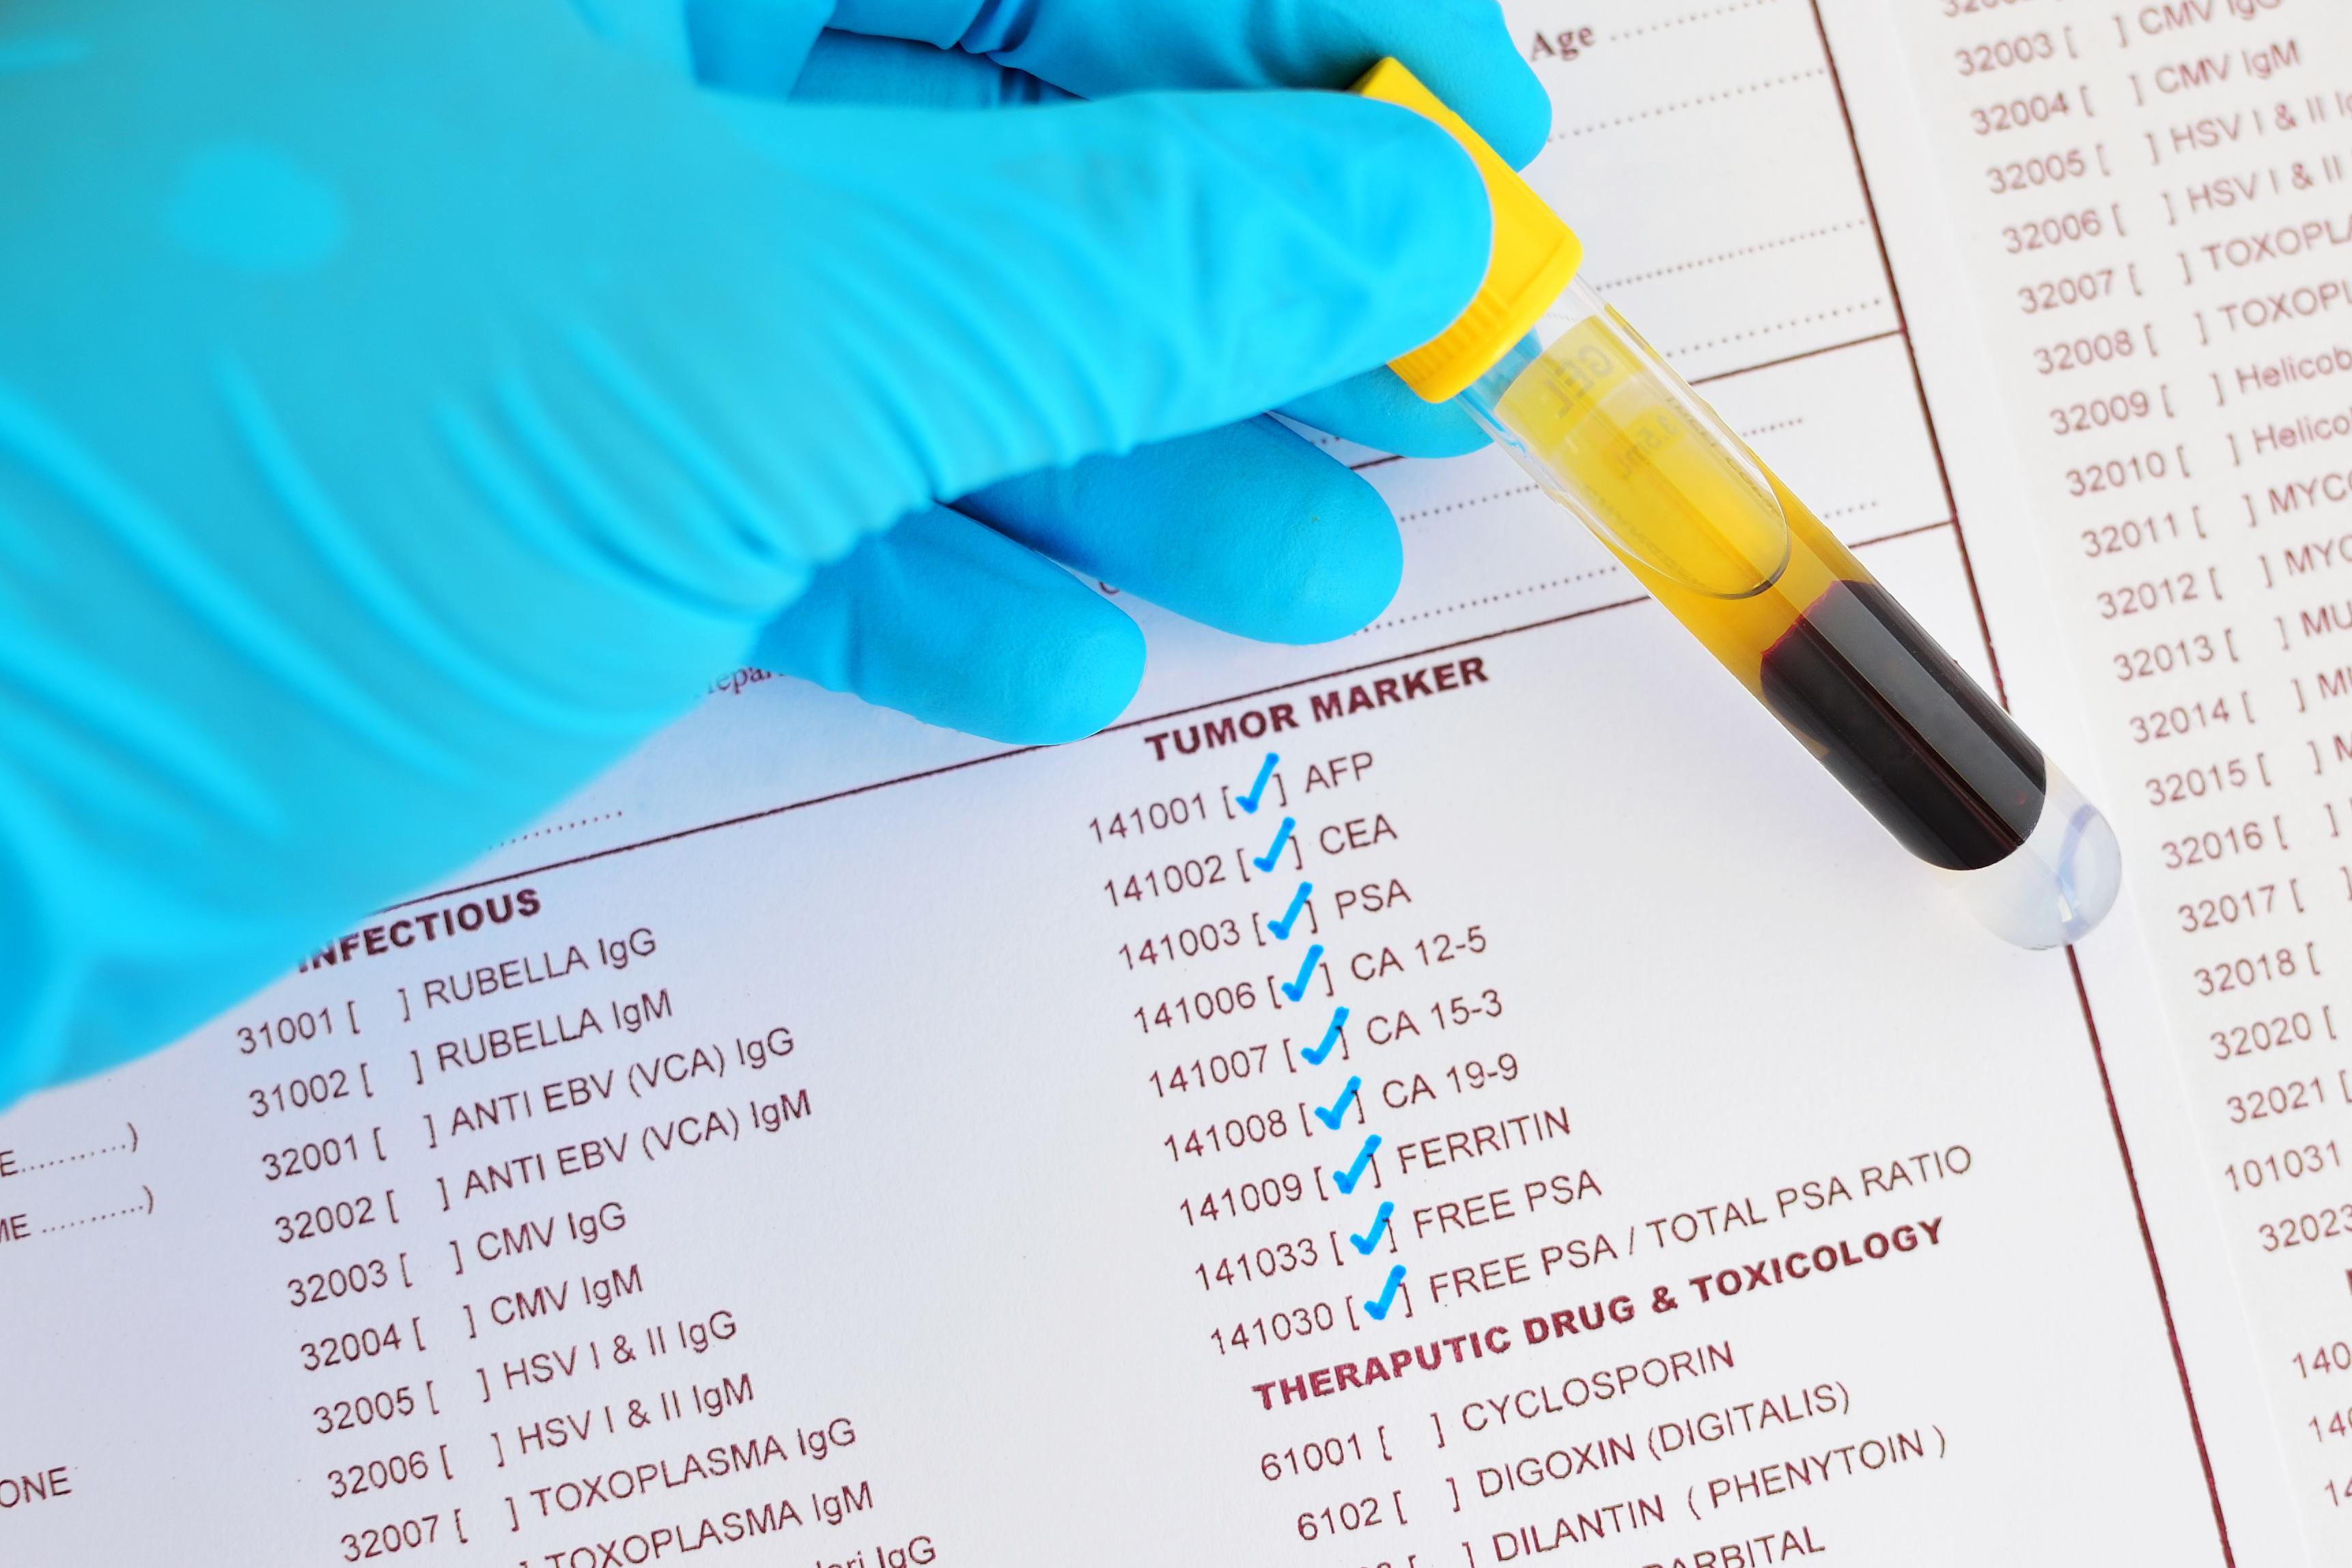 Numera kan man med hjälp av ett blodprov, så kallad BRCA-screening eller BRCA-test, ta reda på om man har en ärftlig BRCA-mutation.